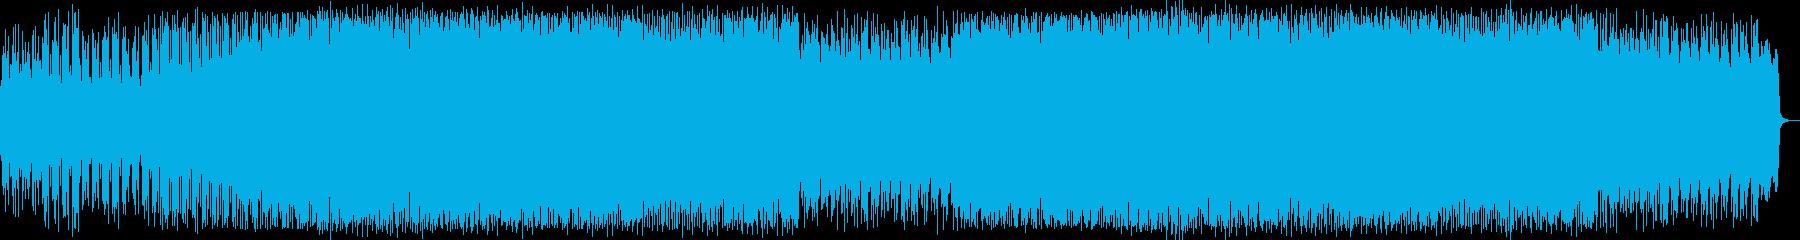 おしゃれなシンセポップハウス系の再生済みの波形